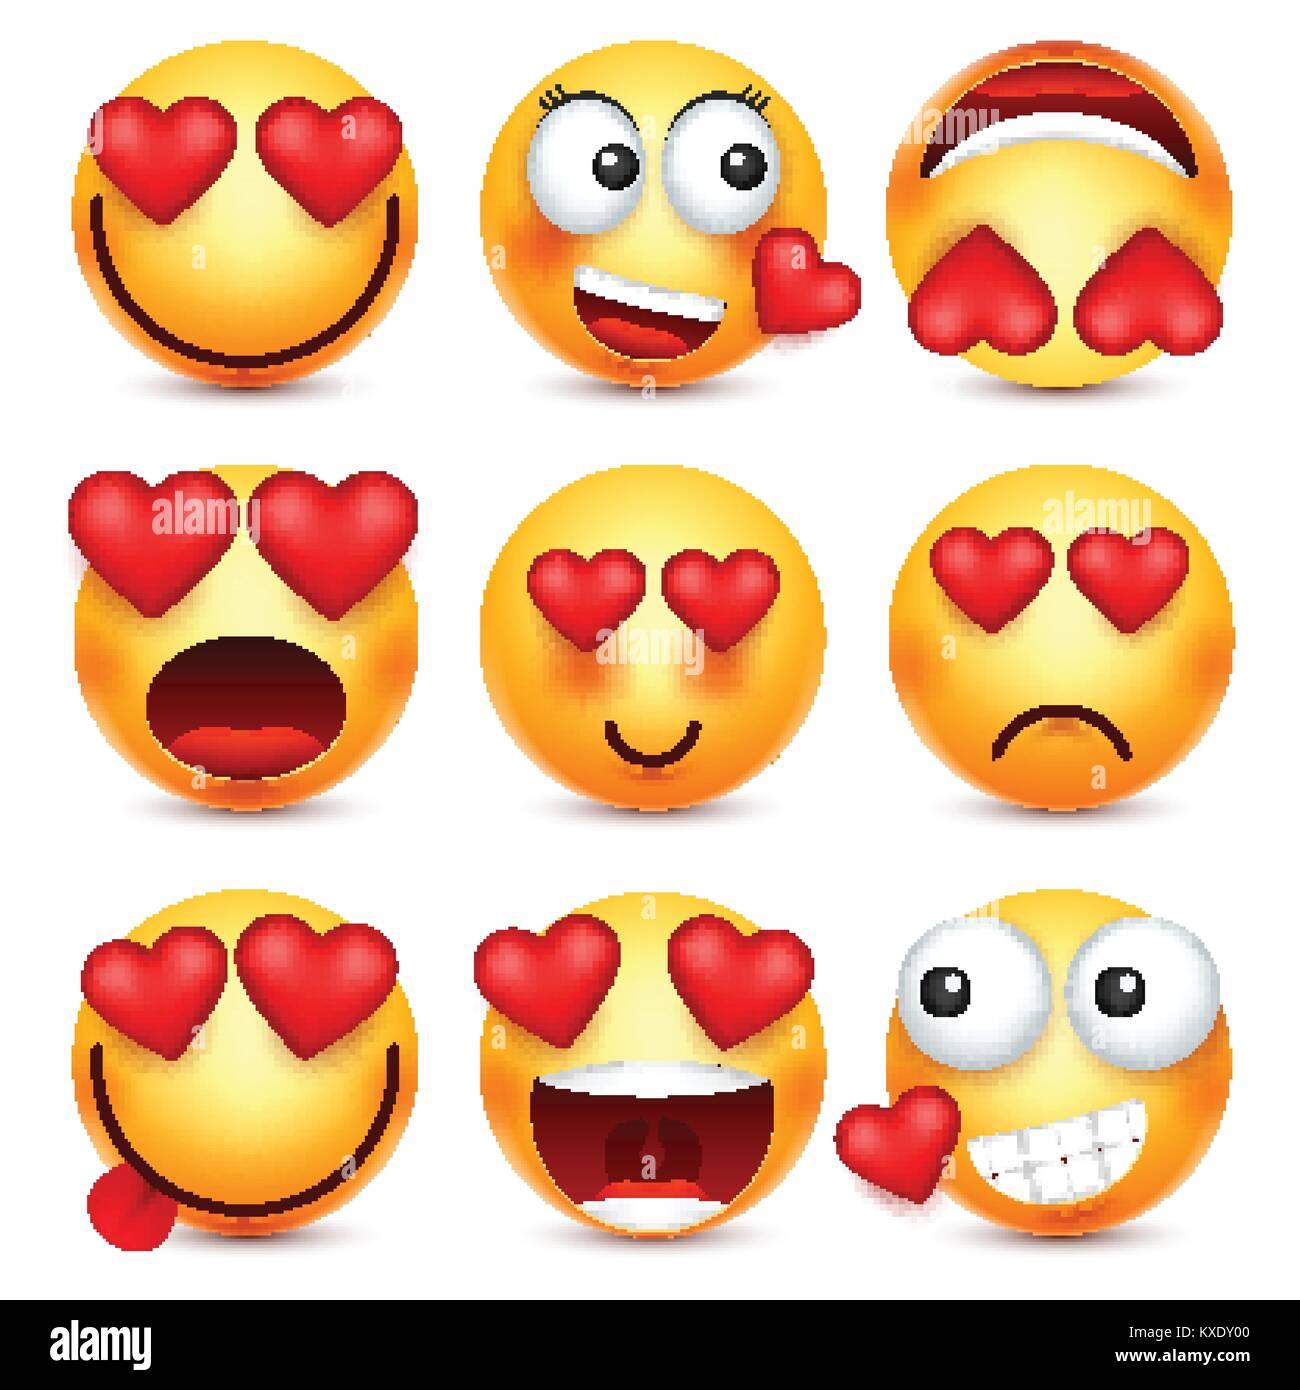 Valentines Day Smiley Avec Emoji Coeur L Amour Le 14 Fevrier Image Vectorielle Stock Alamy